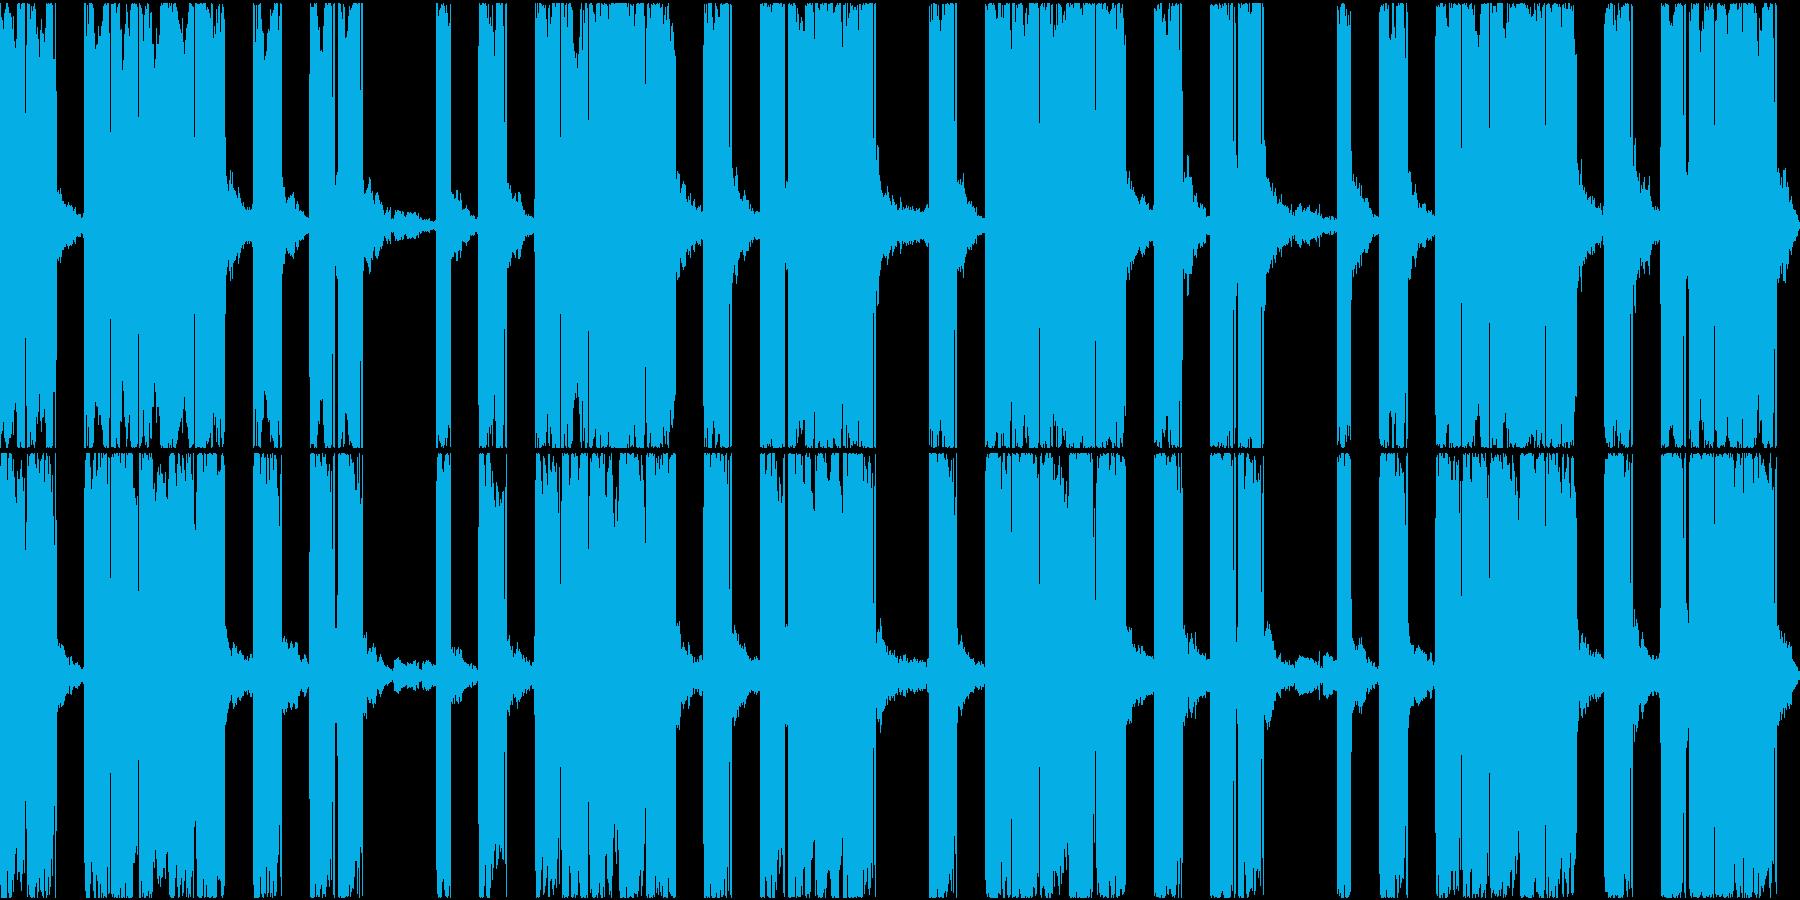 EDMで聞かれるボーカルチョップですの再生済みの波形